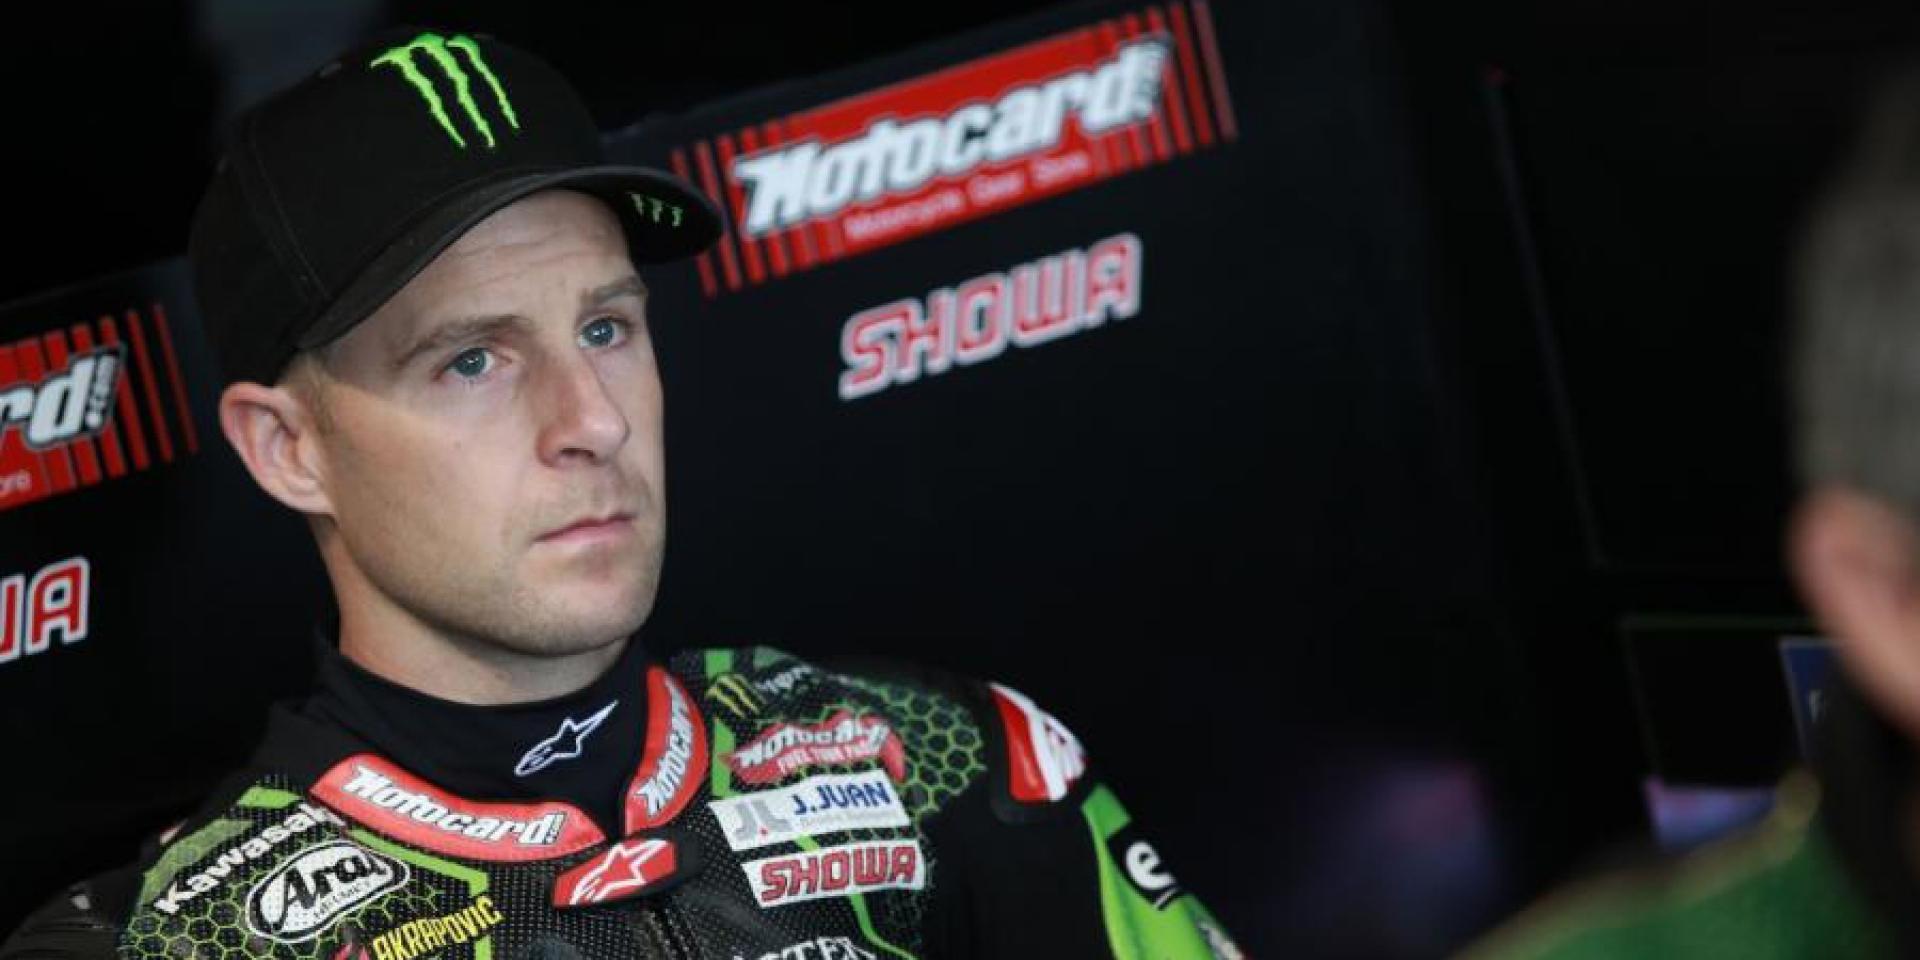 2021轉戰DUCATI MotoGP車隊?!Jonathan Rea:待遇夠好可以考慮,但我從來沒收到過任何GP車隊合約